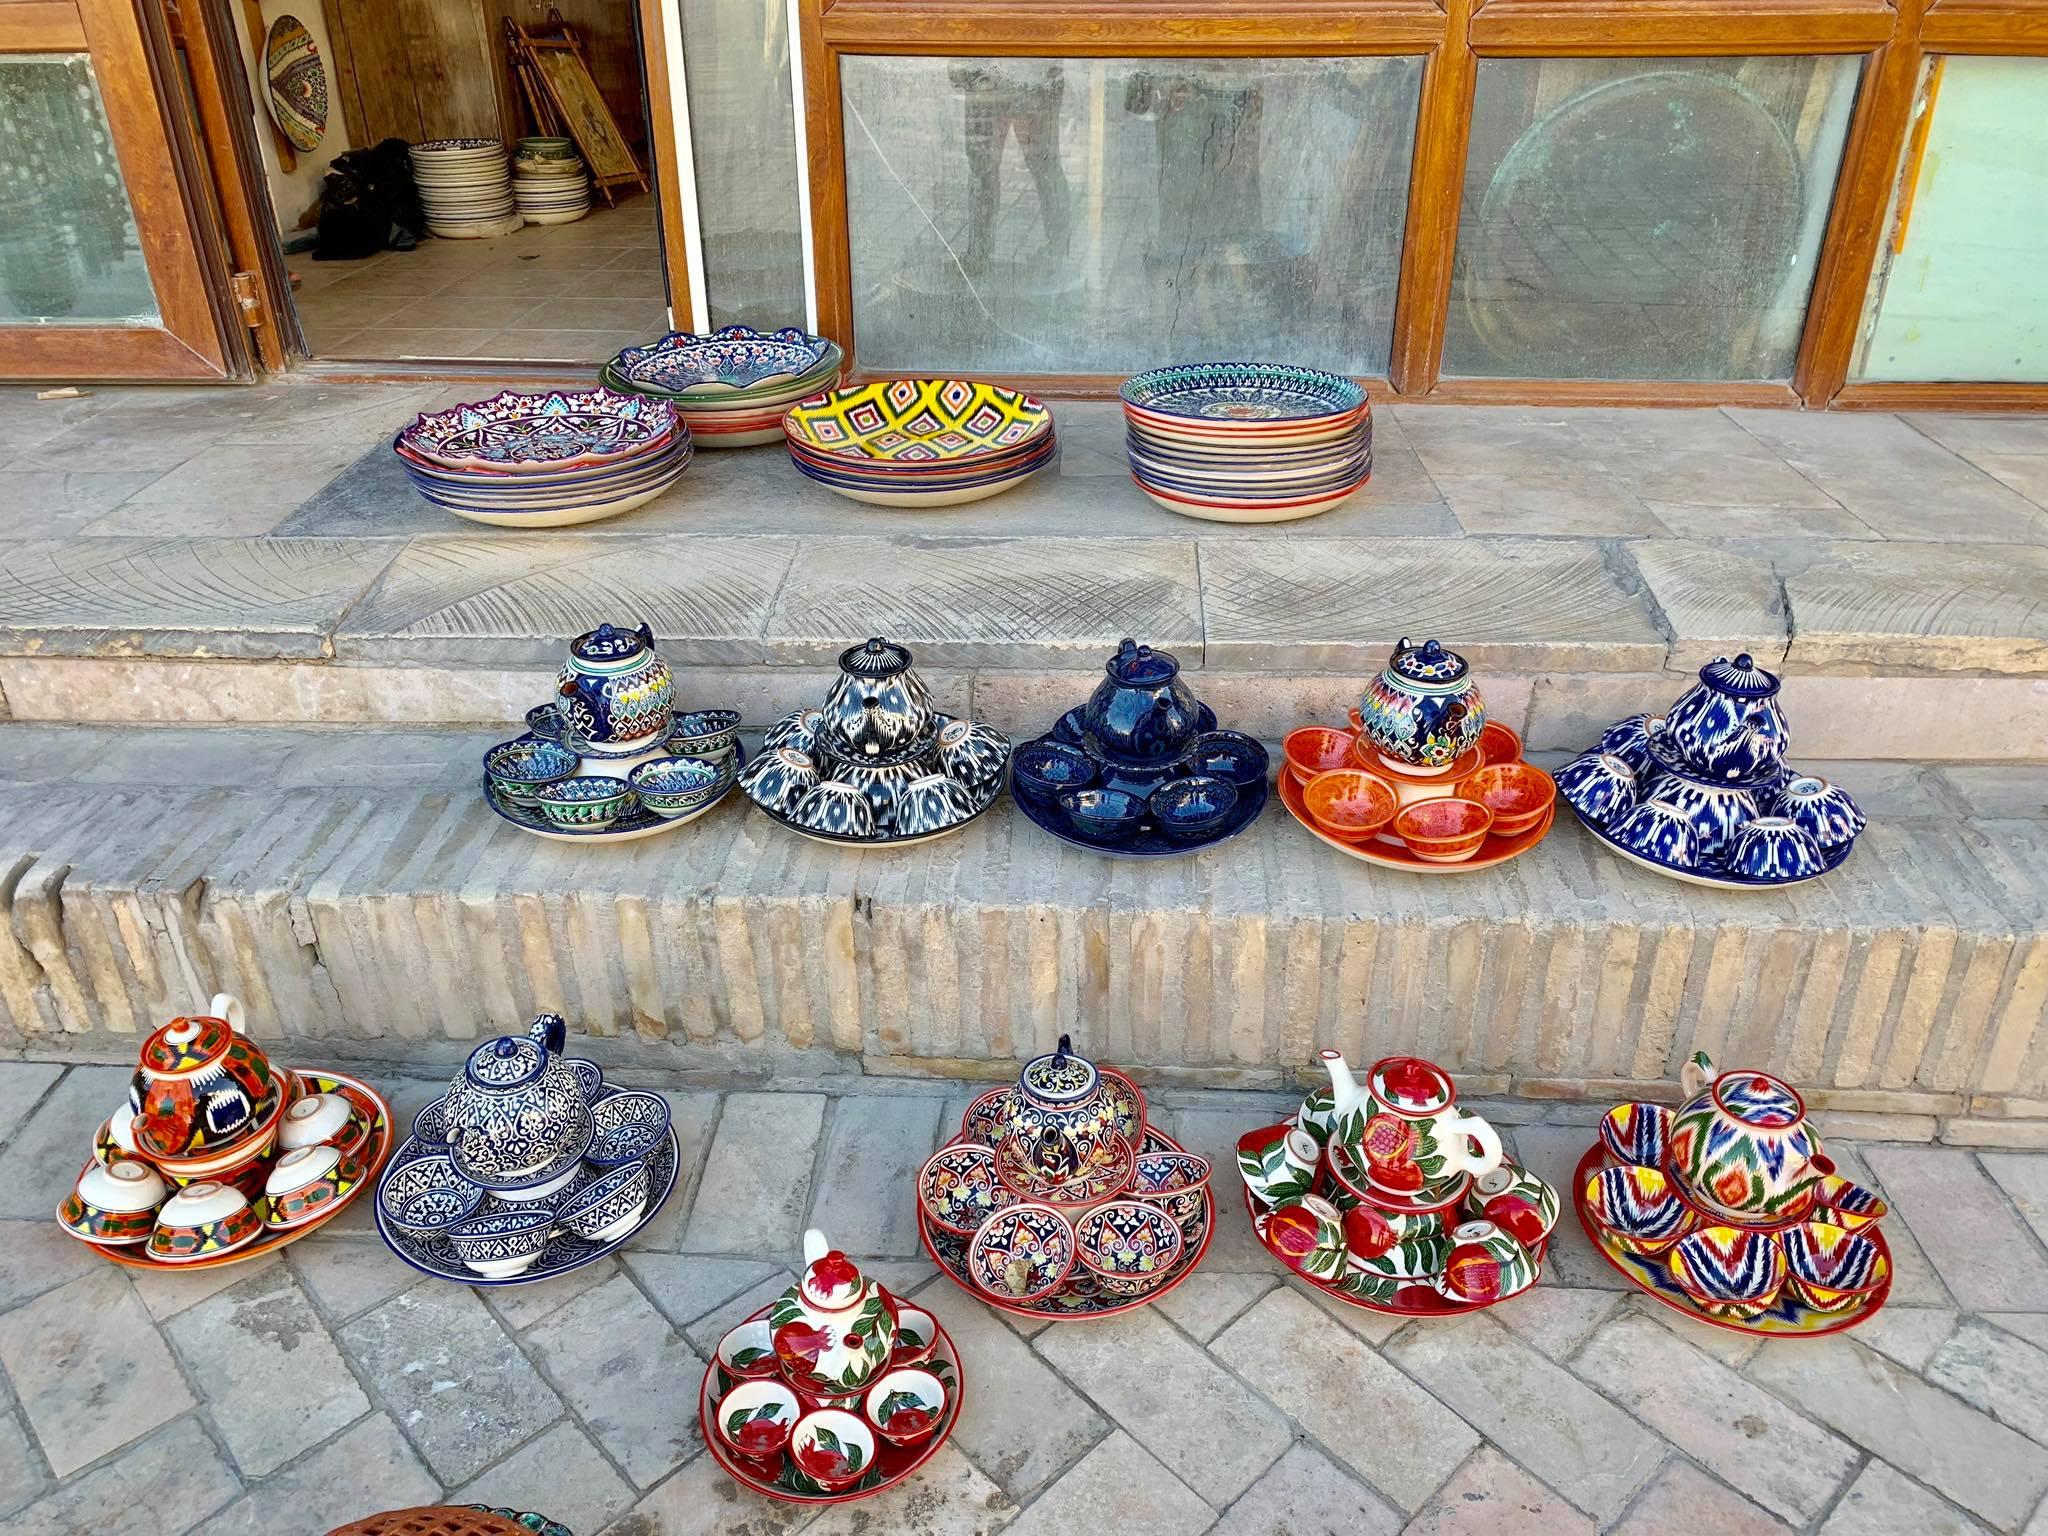 Kach Solo Travels in 2019 Last stop in Uzbekistan19.jpg